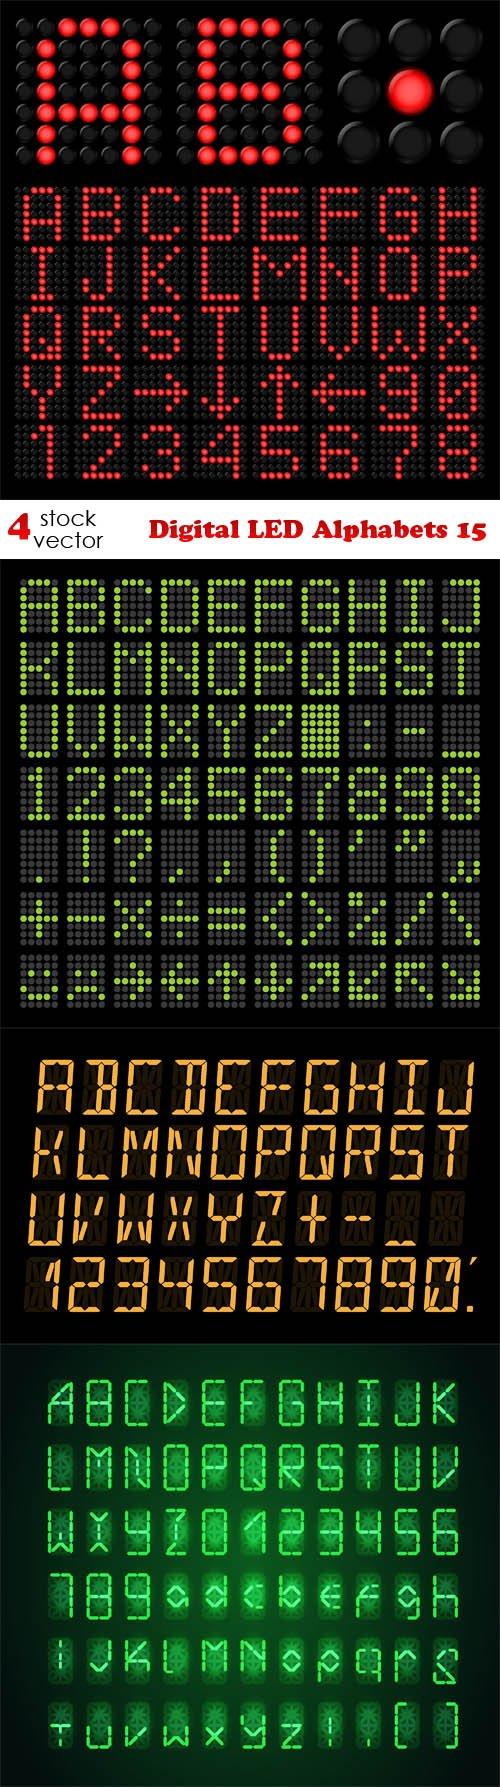 Vectors - Digital LED Alphabets 15